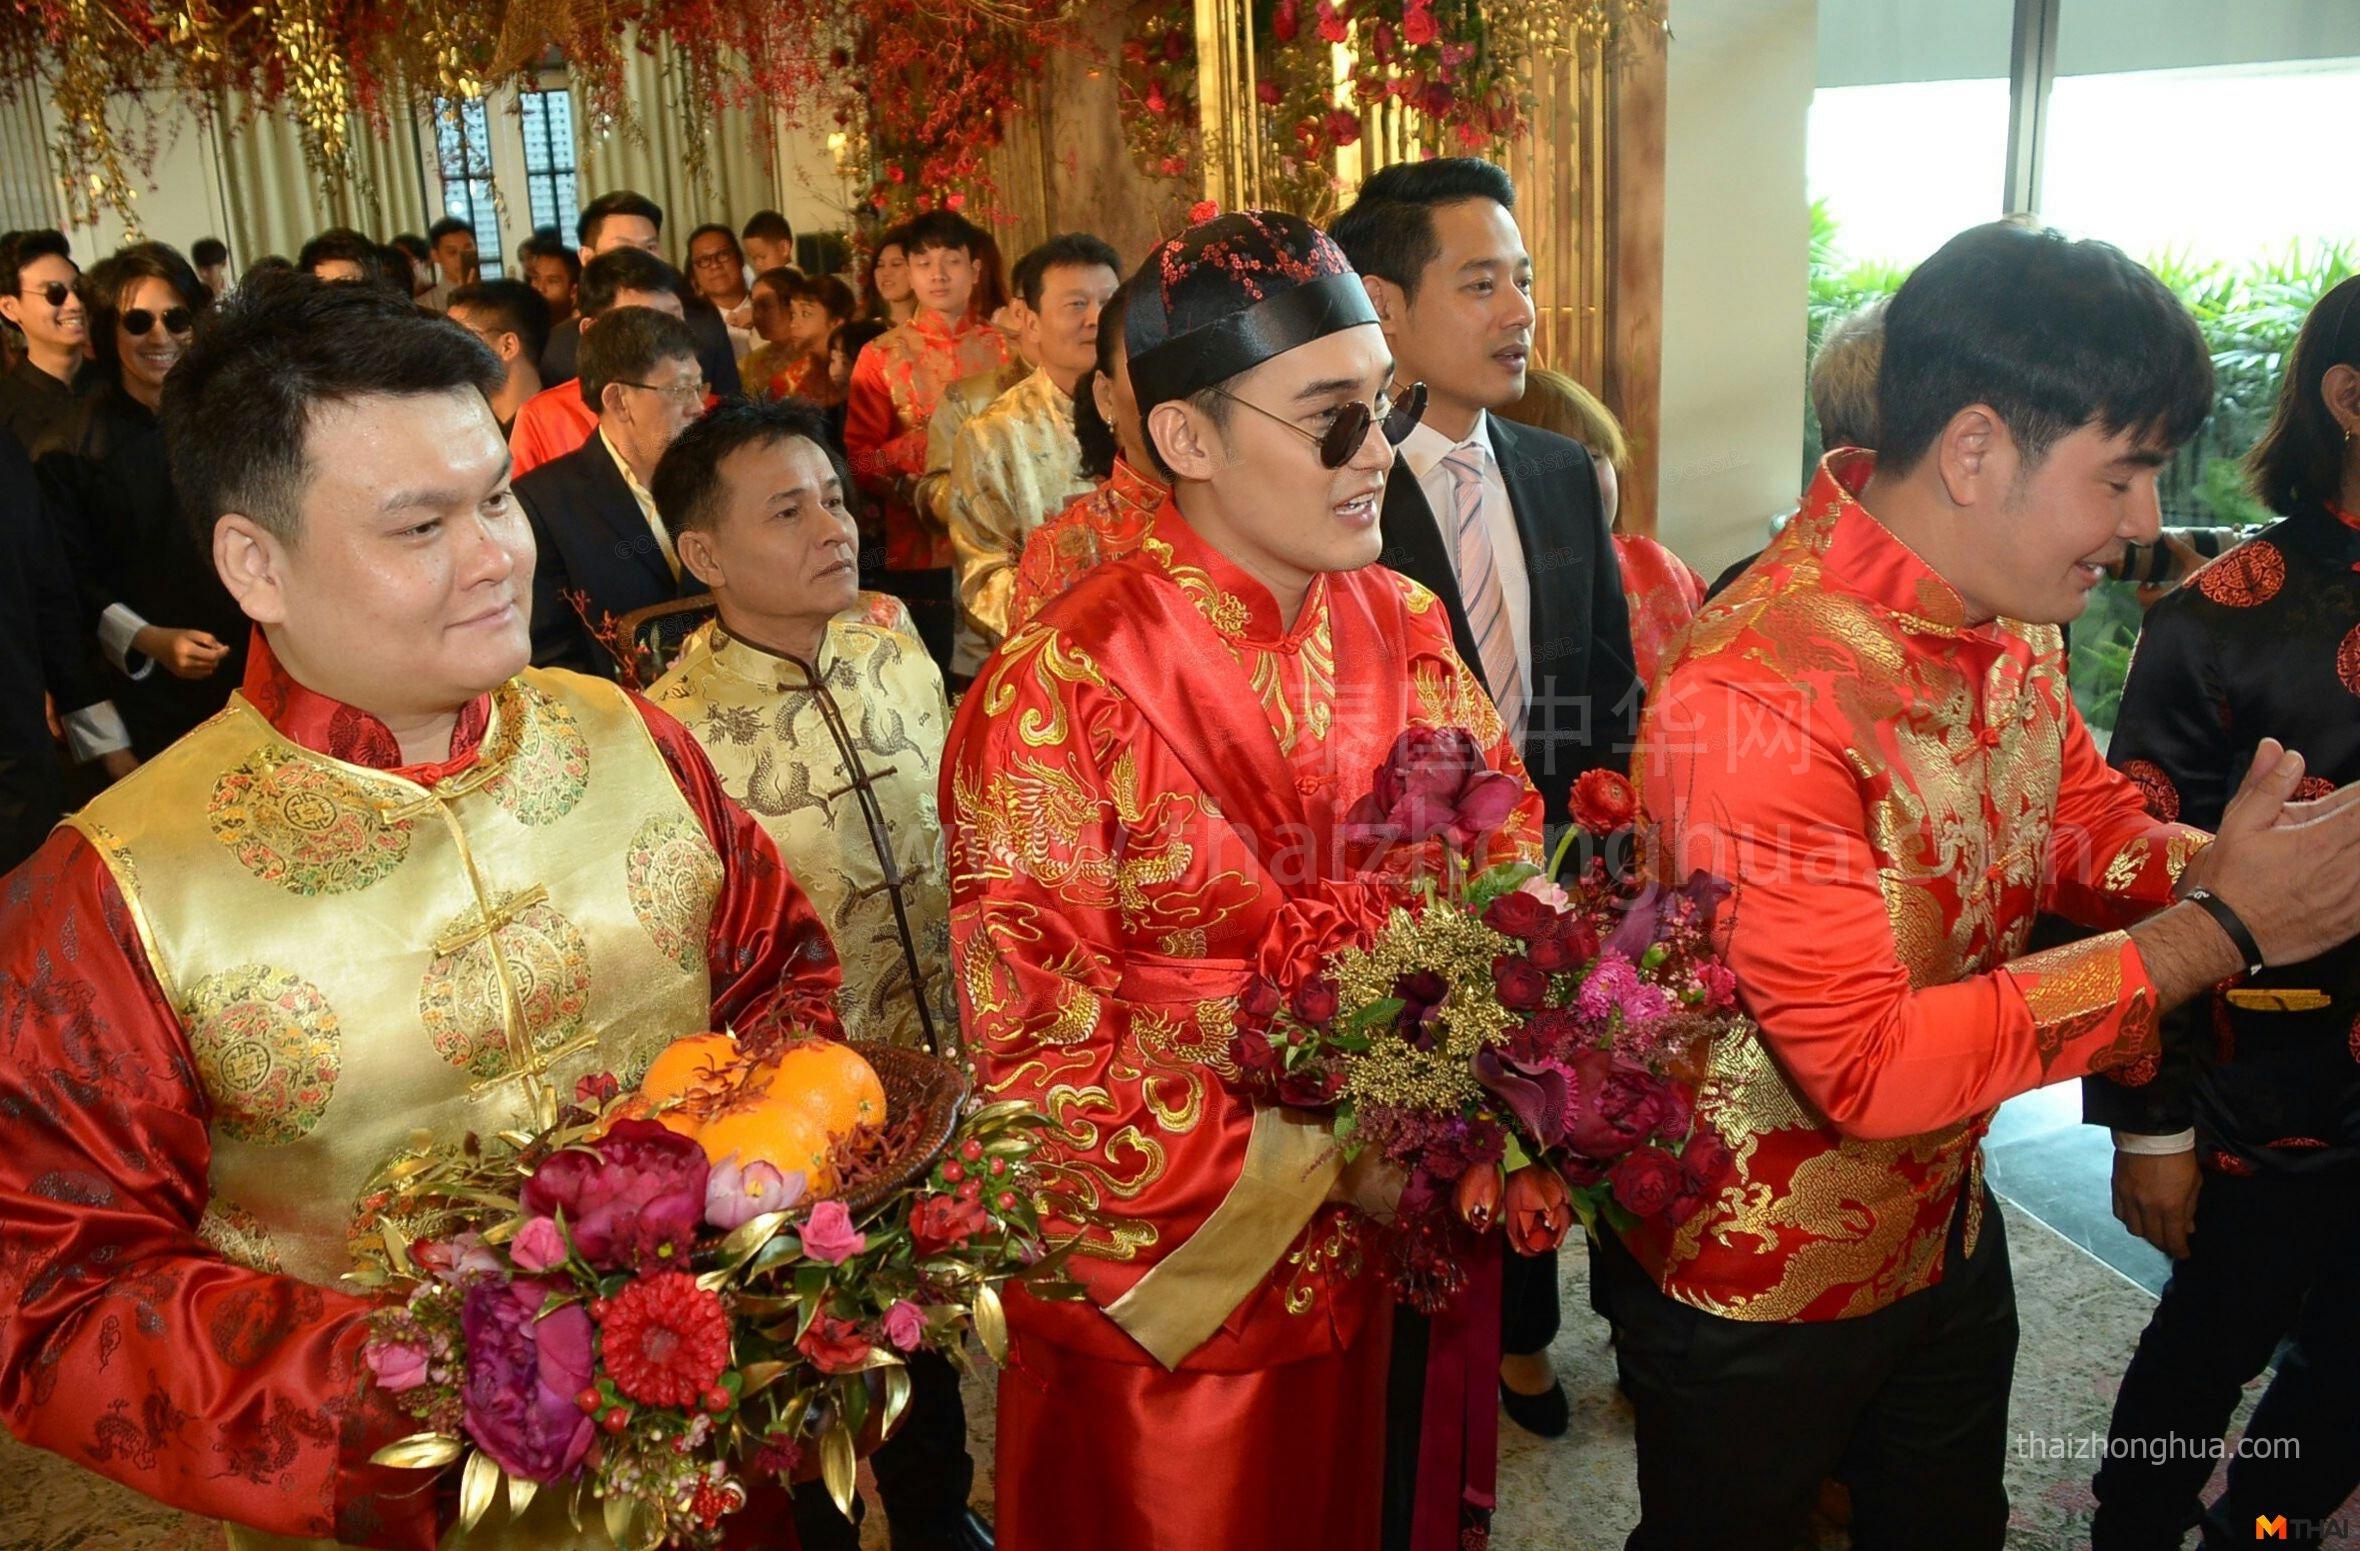 泰国明星 Techin 结婚 泰国中式婚礼